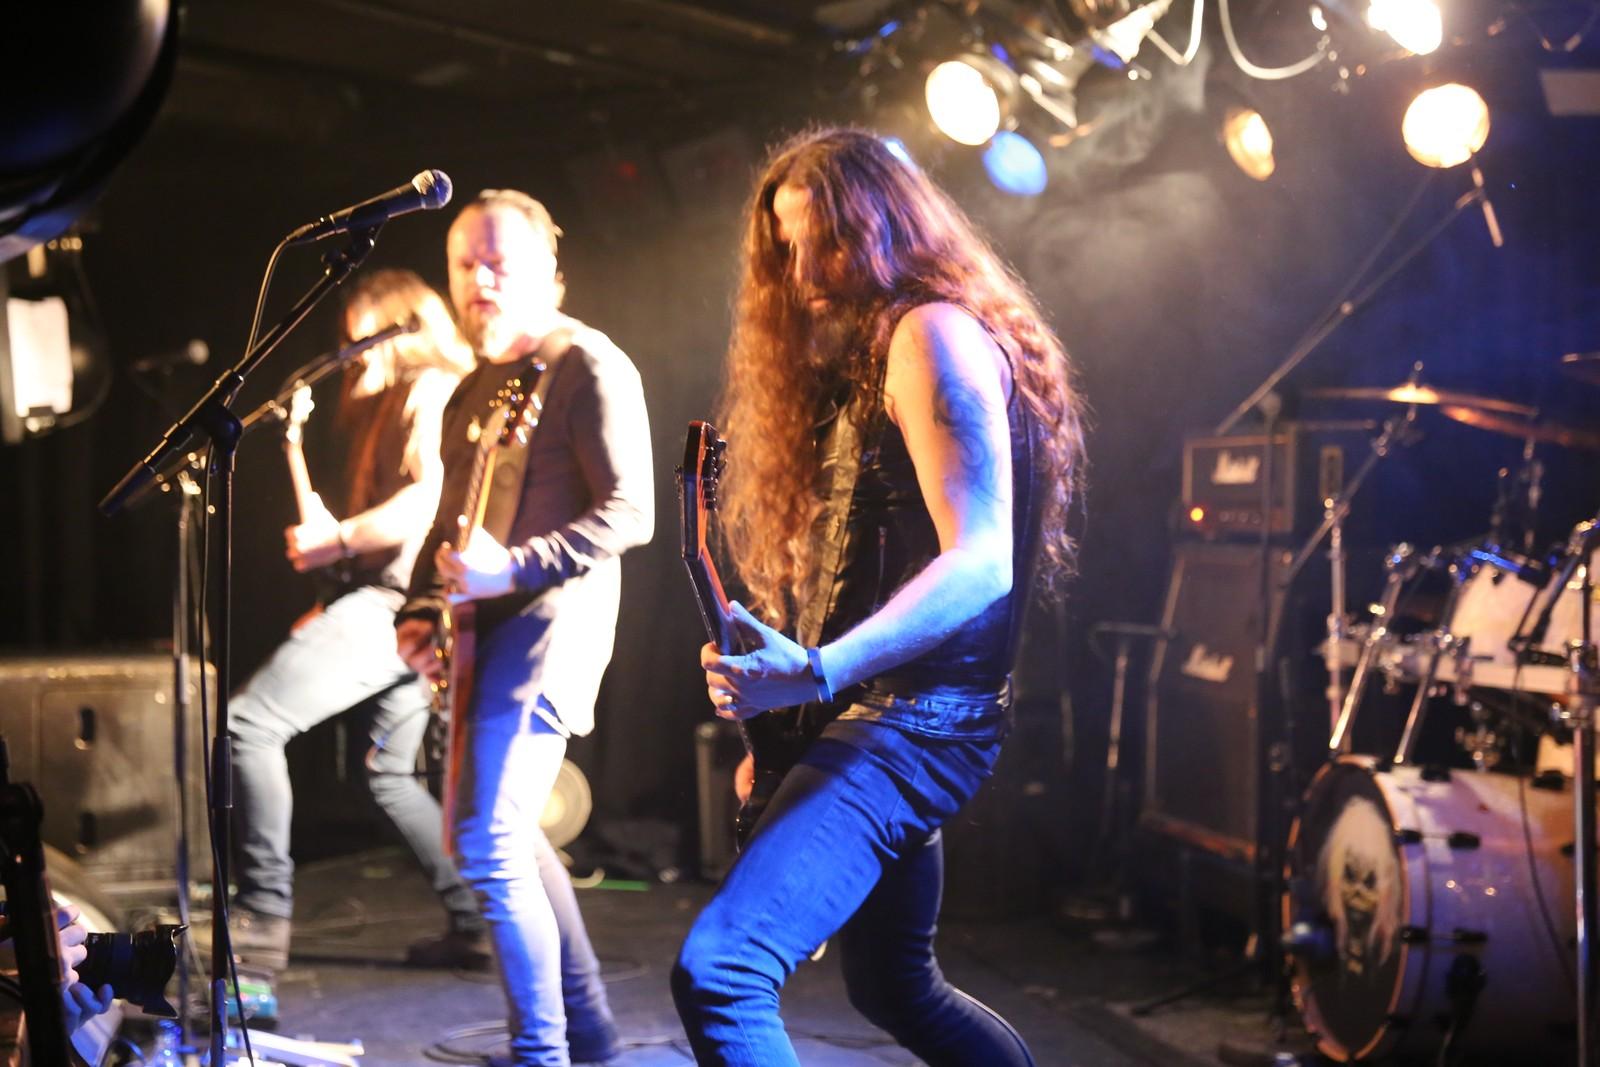 Garage er ein heilt spesiell plass, både for rocke- og metallband, men også for dei som er interesserte i musikk, seier Olav Iversen, vokalist i Sahg. Her saman med Ole Walaunet og Tony Vetås.